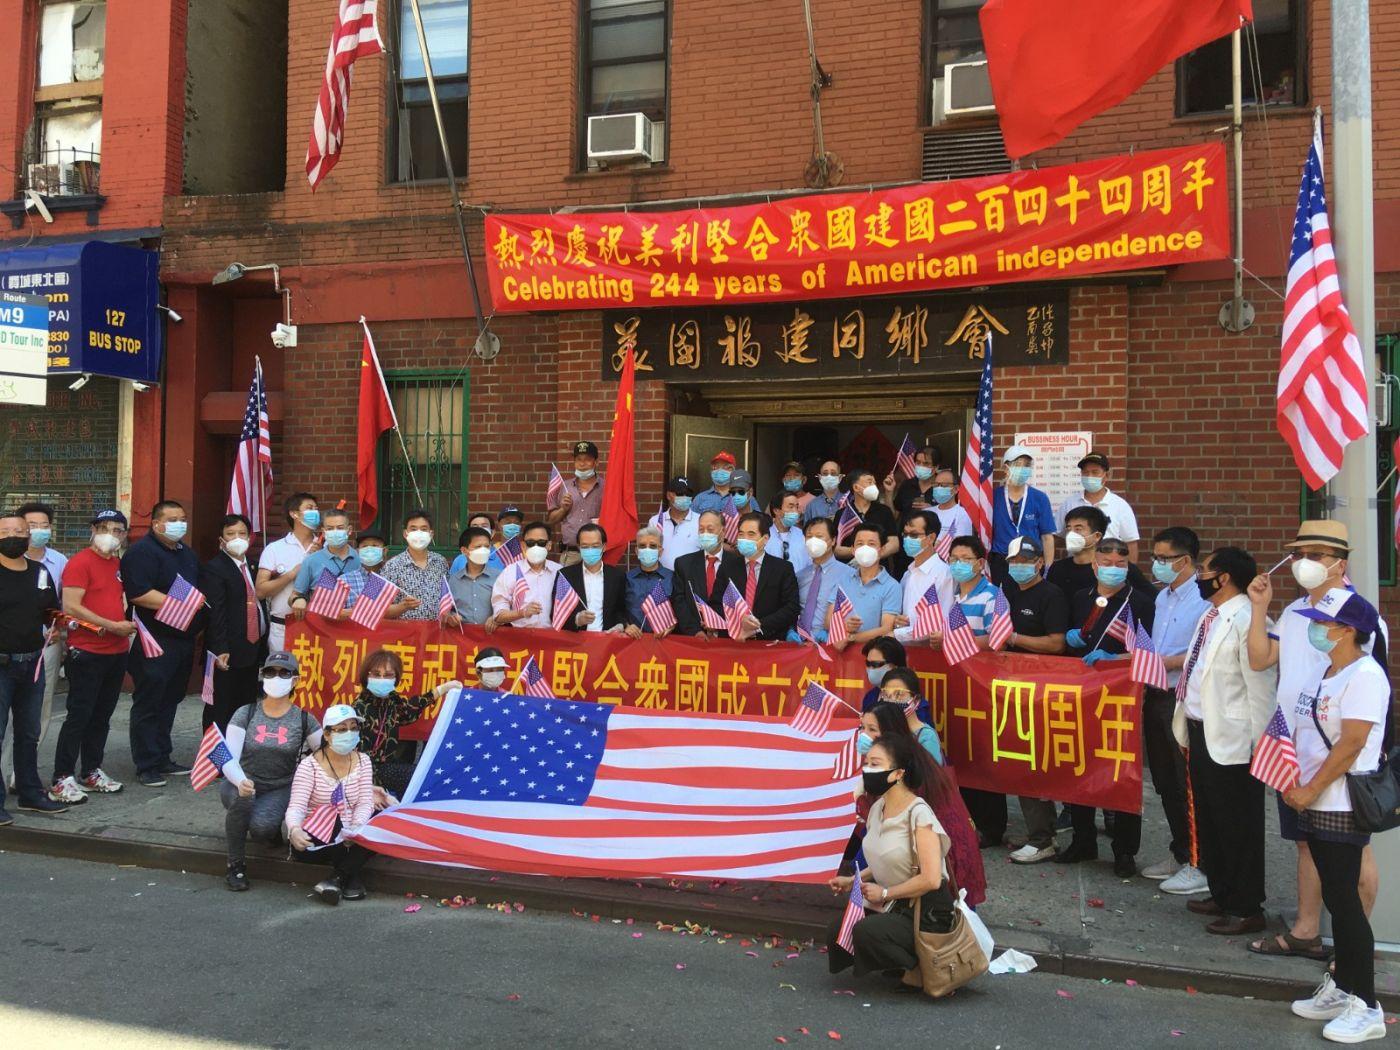 美国福建同乡会举行庆祝美利坚合众国建国244周年活动_图1-22